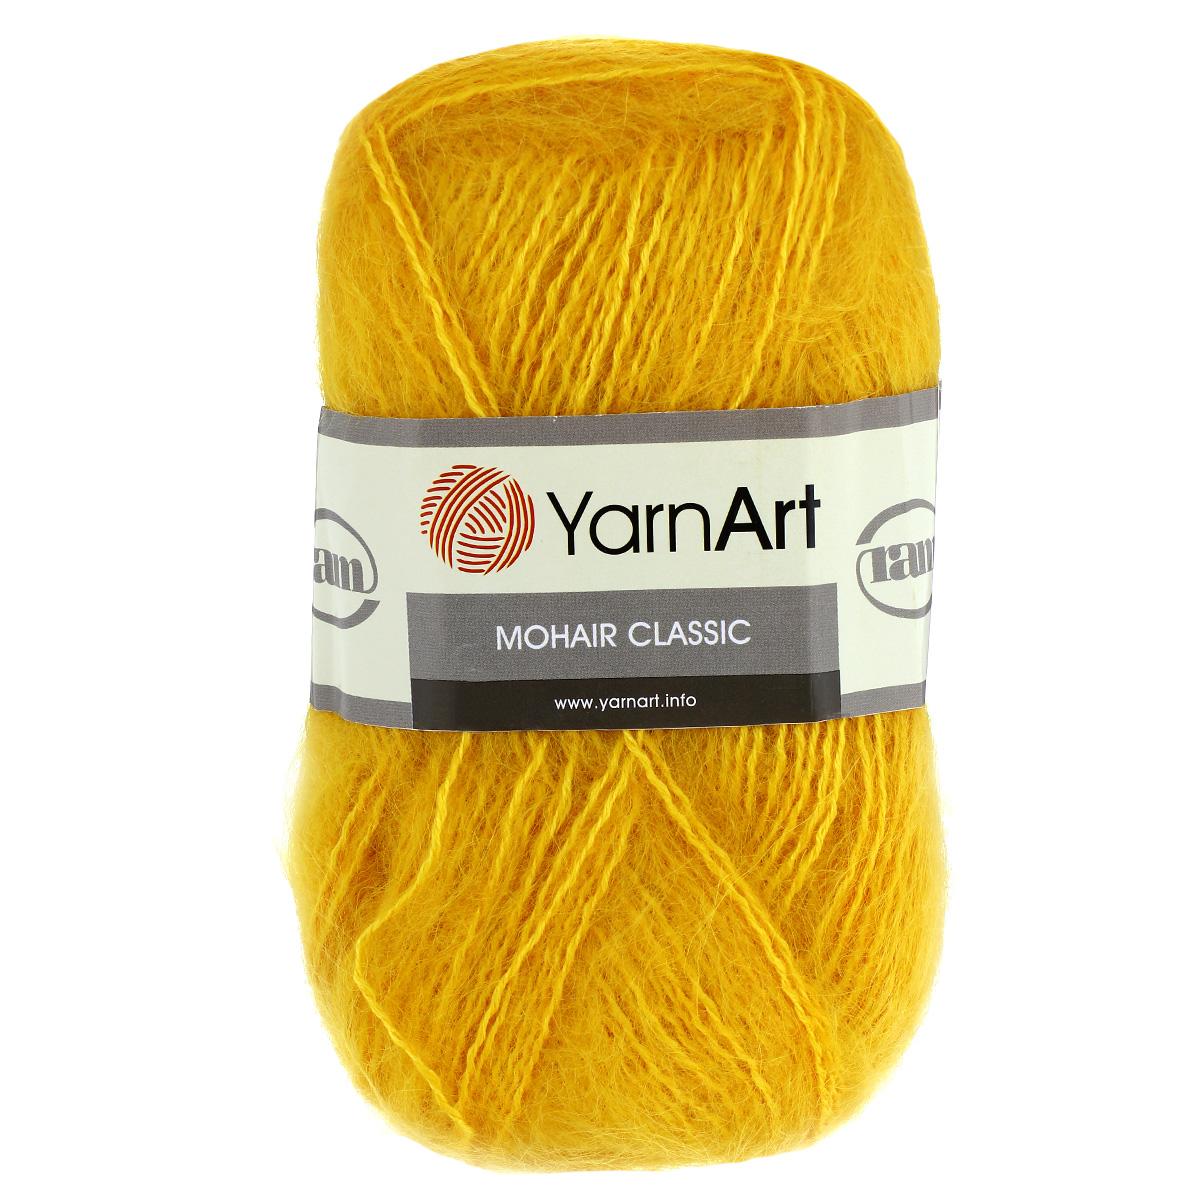 Пряжа для вязания YarnArt Mohair Classic, цвет: желтый (136), 220 м, 100 г, 5 шт372026_136Пряжа для вязания YarnArt Mohair Classic изготовлена из натурального мохера с добавлением акрила. Пряжа из такого материала обладает повышенной прочностью и эластичностью, а изделия получаются теплые и уютные. Скрутка нити плотная, равномерная, не расслаивается, не путается, хорошо скользит по спицам, вяжется очень легко. Петли выглядят аккуратно, а натуральный мохер обеспечивает теплоту, легкость и превосходный внешний вид. Нить можно комбинировать с полушерстяными пряжами для смягчения рисунка, придания благородной пушистости фактуре нити, а также для улучшения тепловых характеристик. Пряжа прекрасно подходит для создания зимних вещей: свитеров, кардиганов, жилетов, шапок, беретов, палантинов, шарфов, перчаток, варежек. Не колется и может использоваться для изготовления детской одежды. Благодаря содержанию синтетических волокон, изделия из YarnArt Mohair Classic отлично держат форму, не вытягиваются, катышки не образуются, тонкая нить...